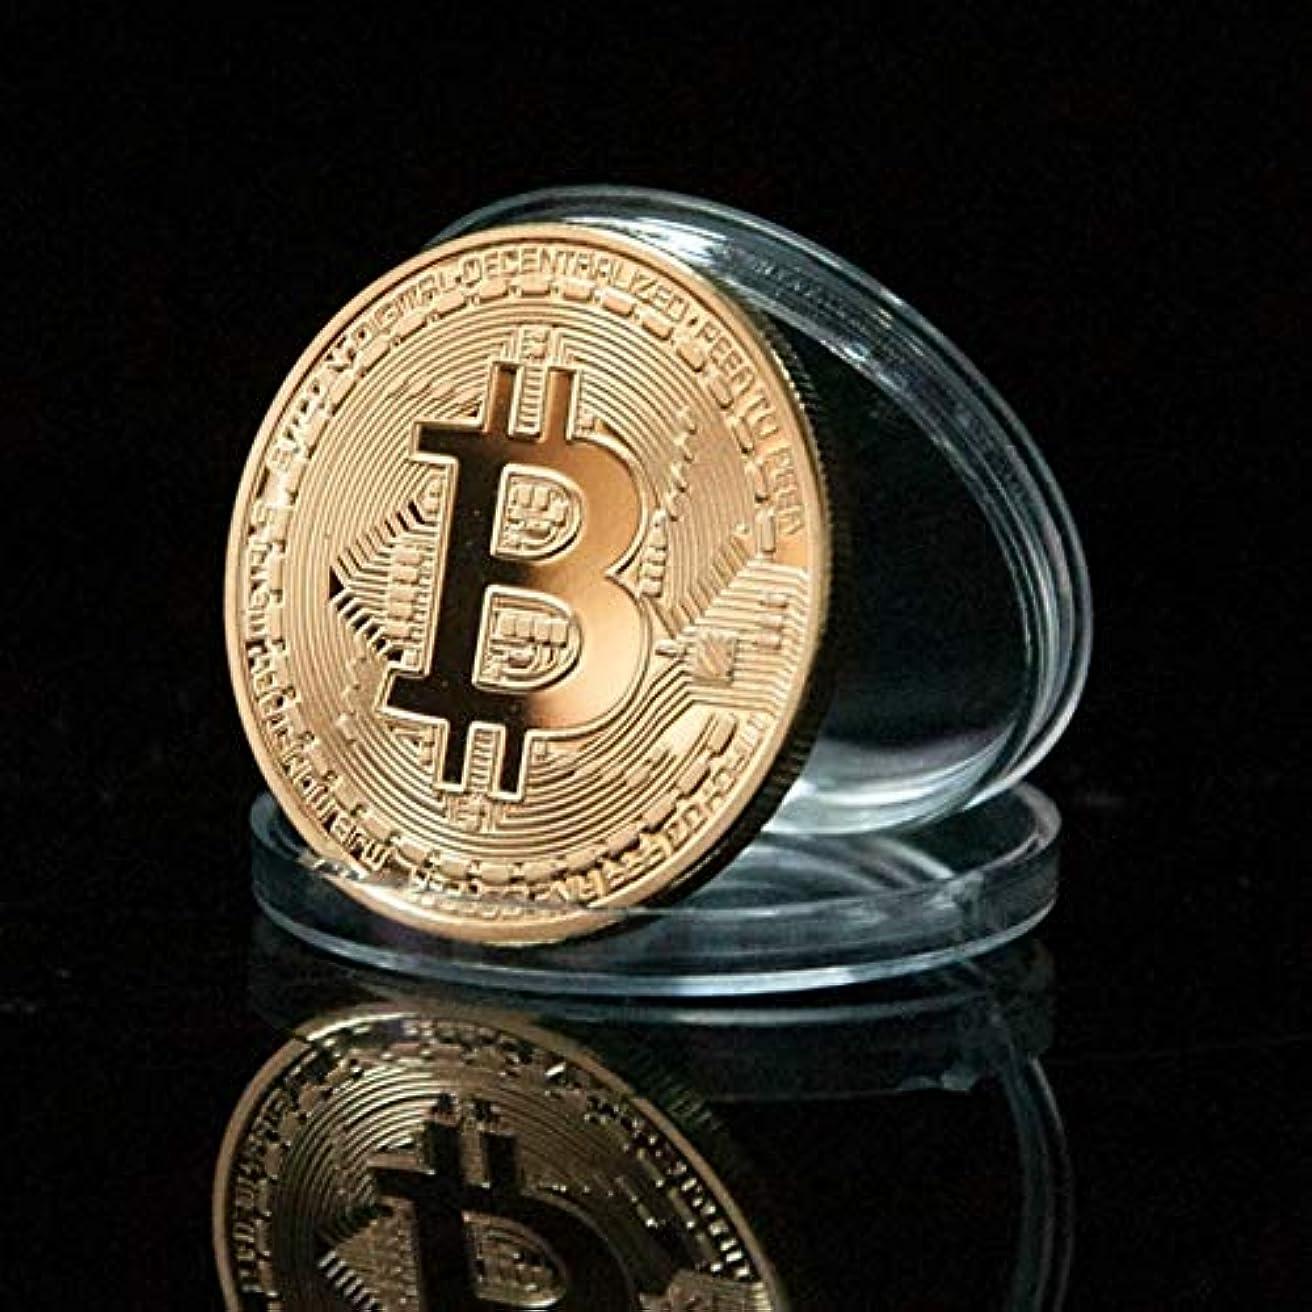 カリングタブレット残酷Jicorzo - ゴールドメッキ物理Bitcoins - お土産新年のギフトのためのケースでは、各CasasciusビットコインBTCの1